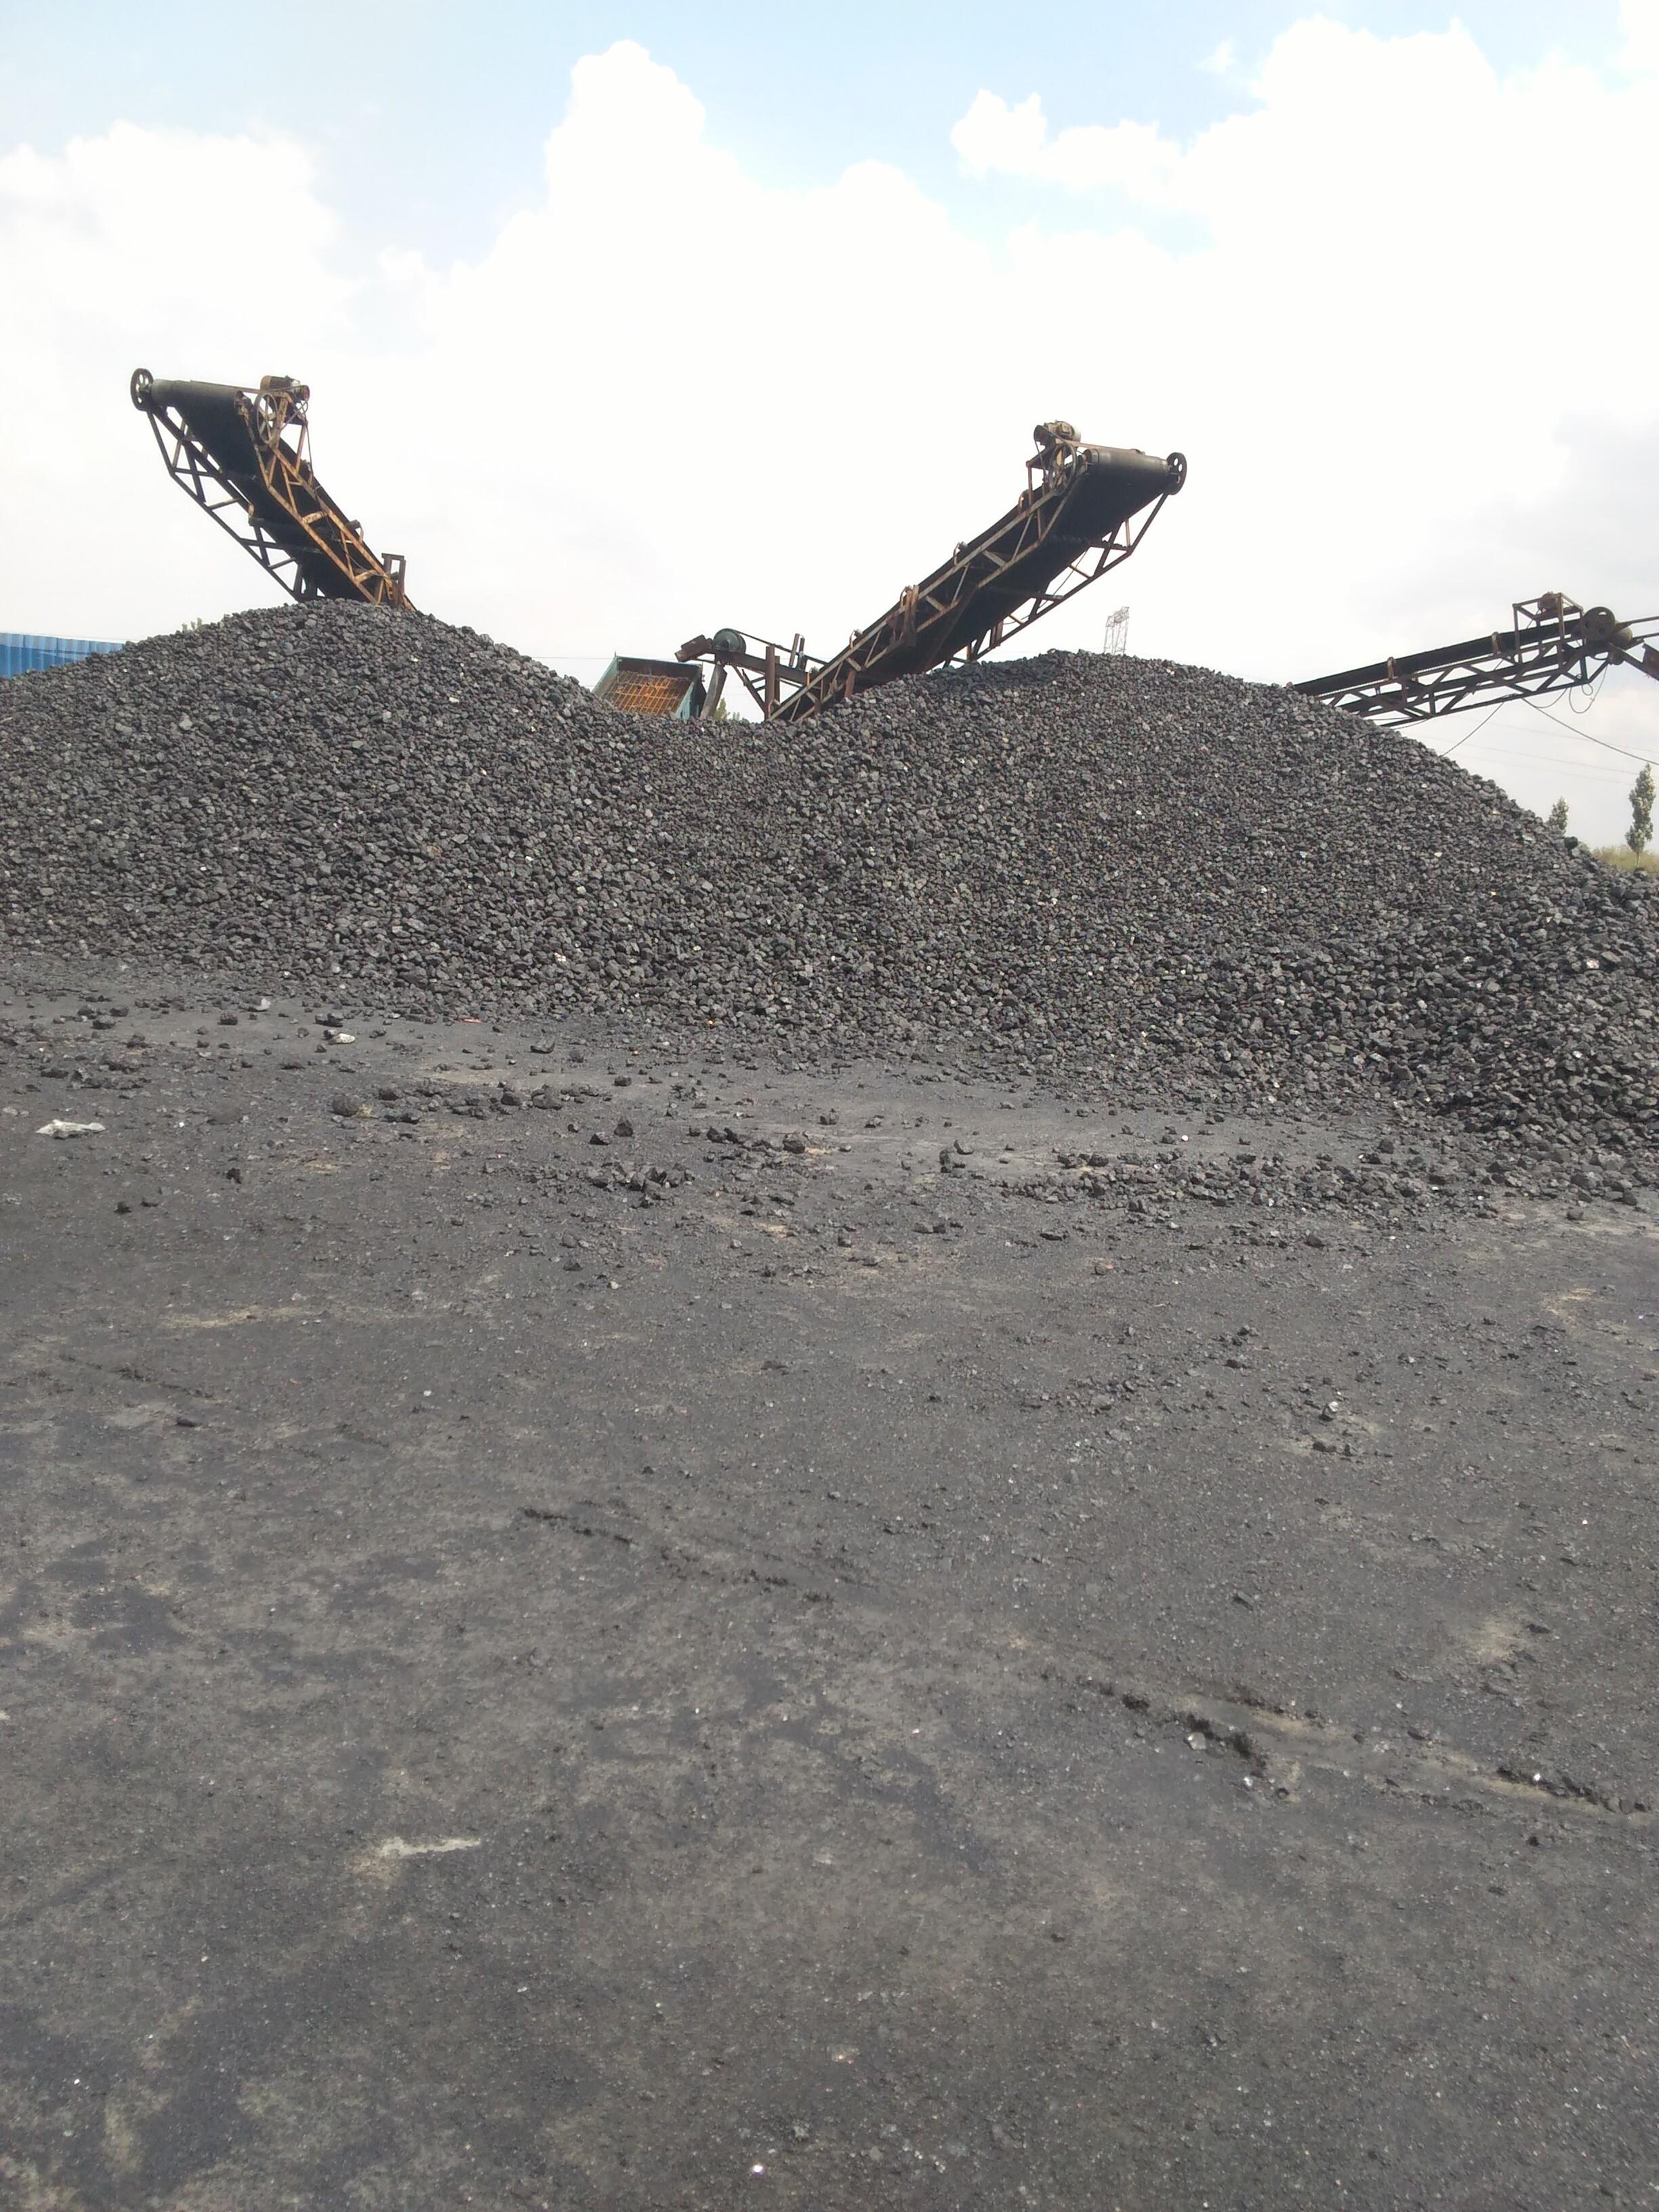 神木有那些煤矿_榆林市神木县排界 煤矿 价格